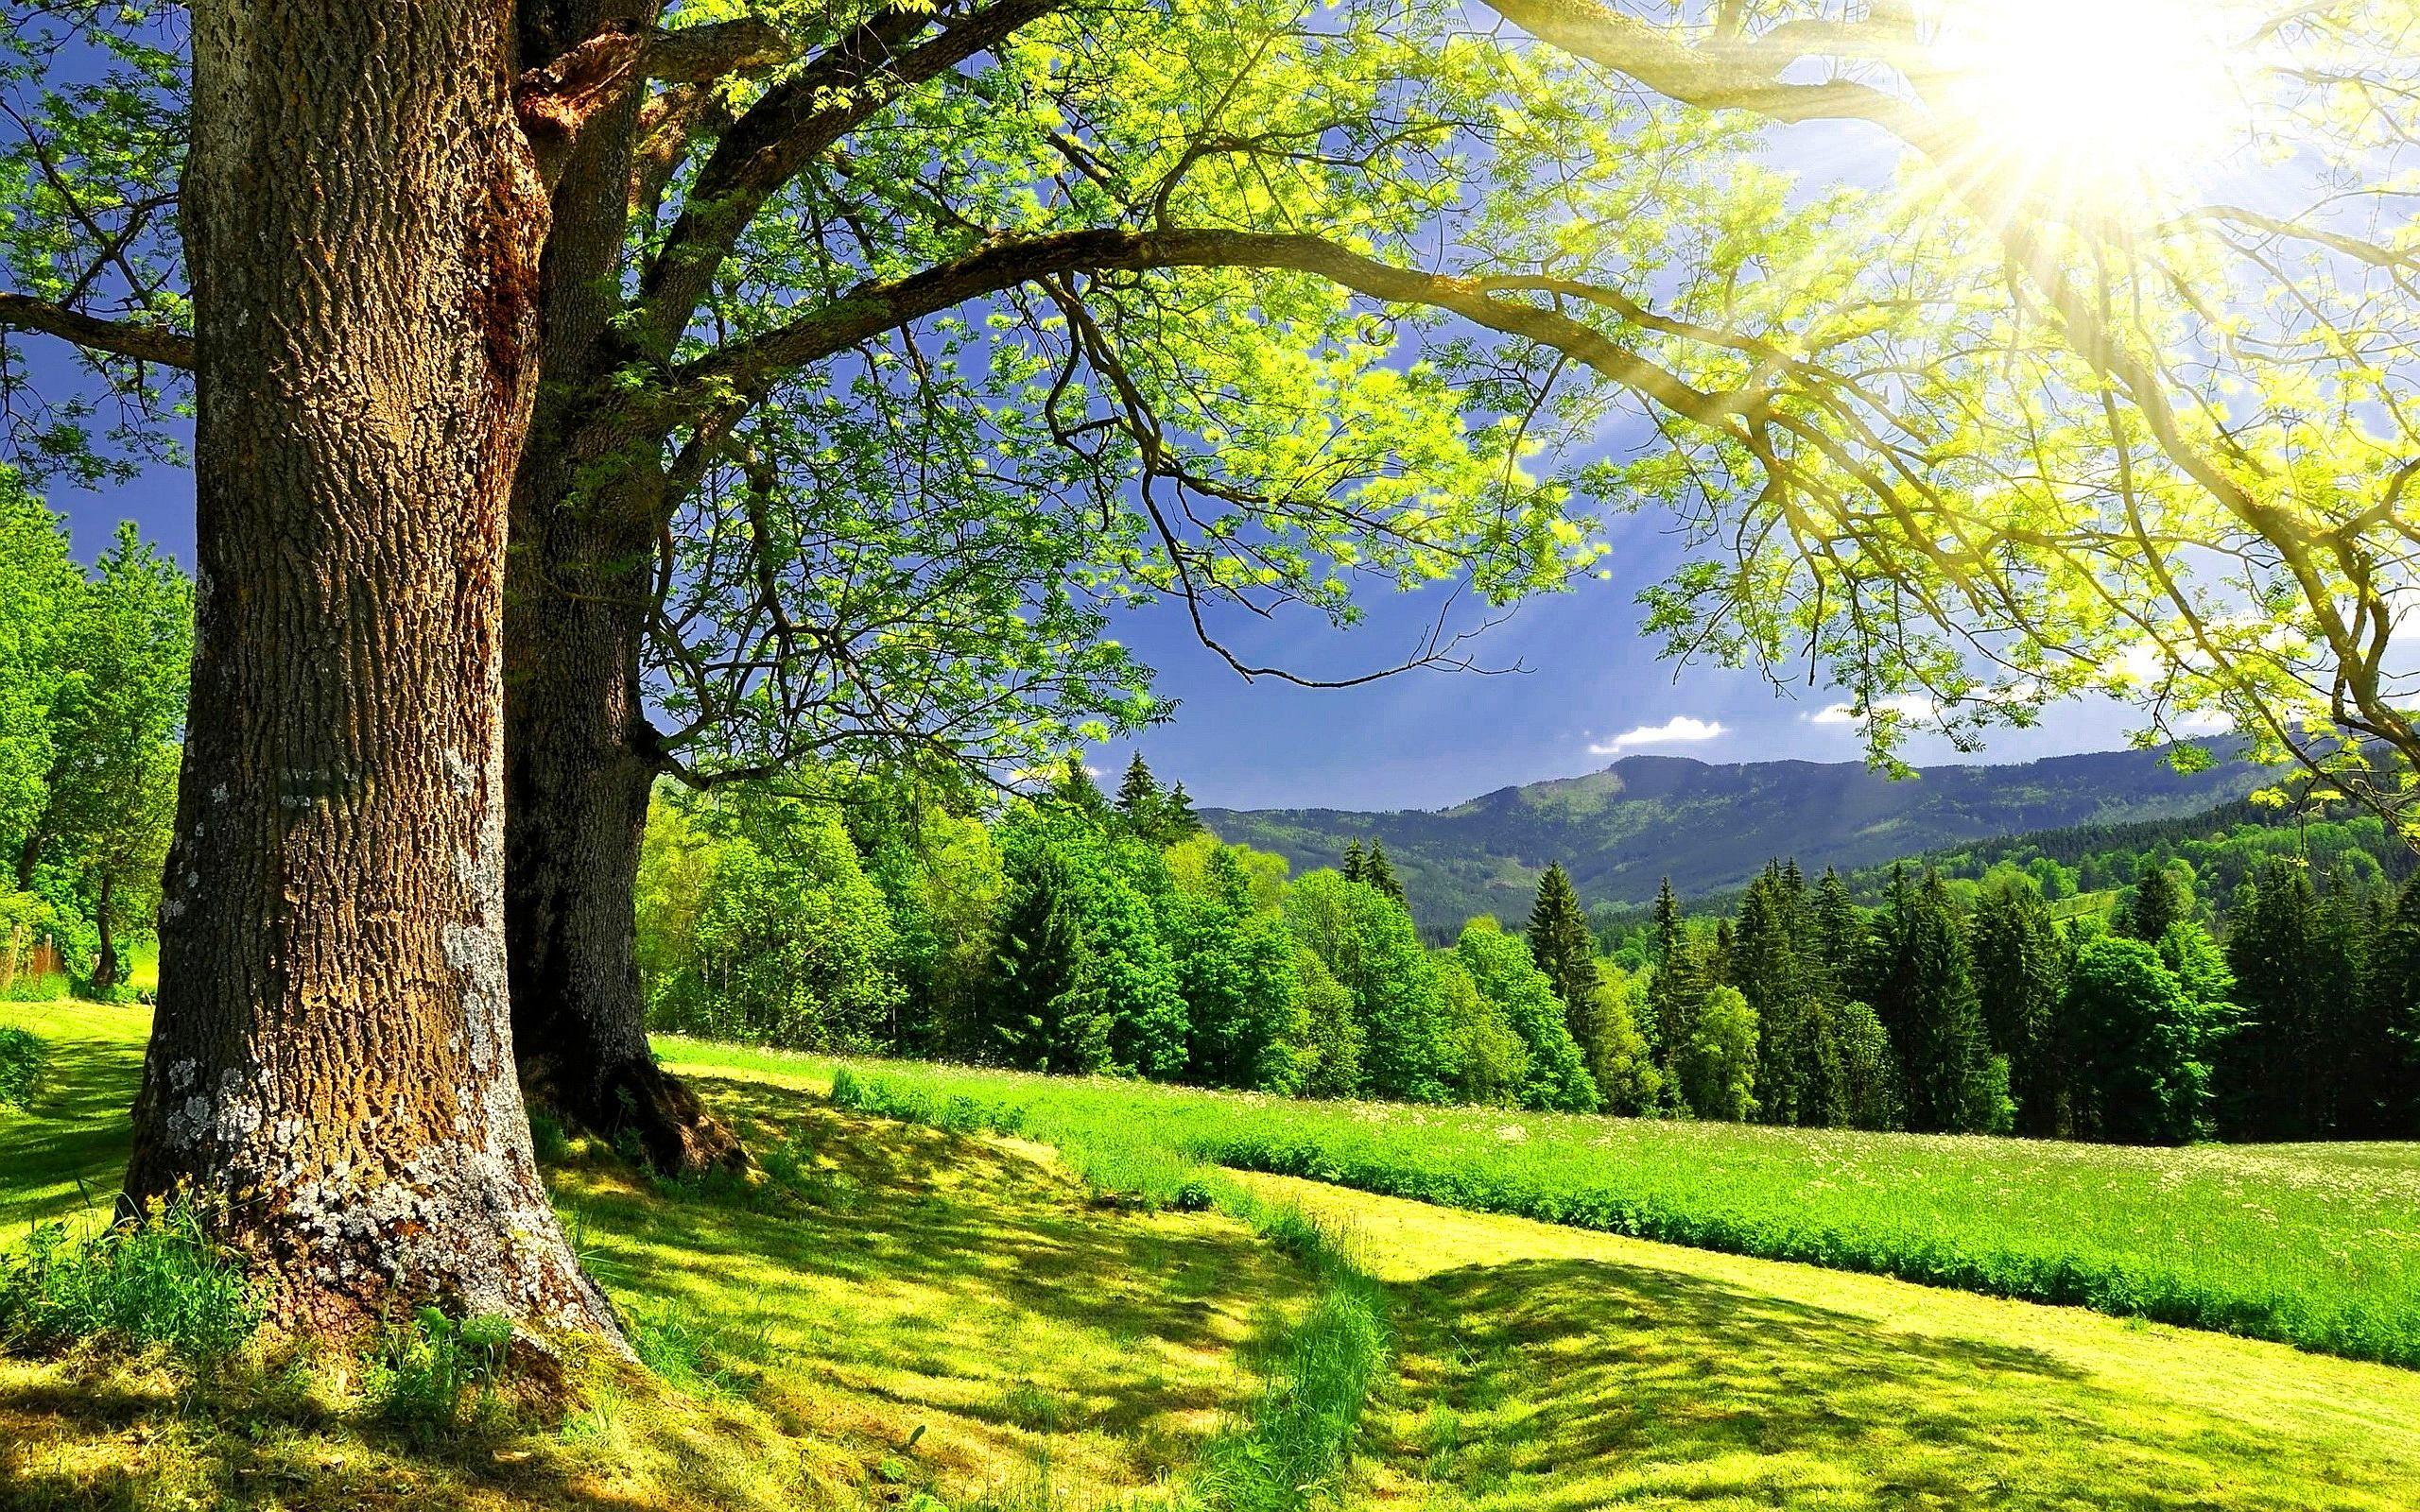 Domaine lHritage Landscape wallpaper Nature wallpaper 2560x1600